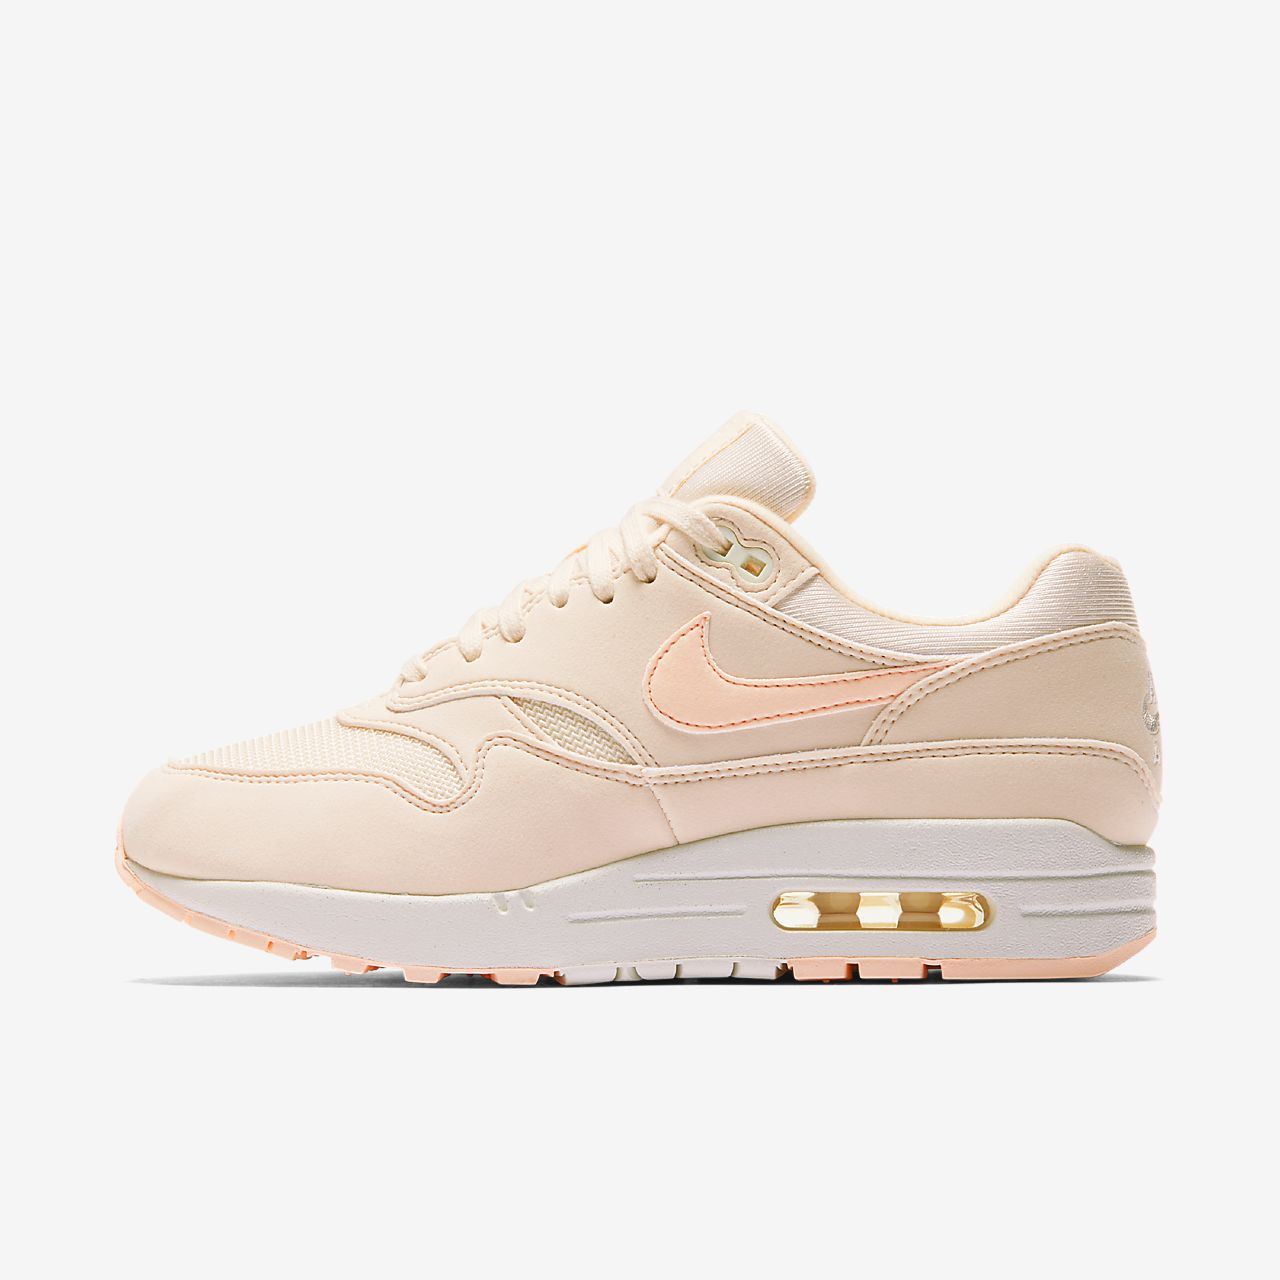 92c3da9297 reduced nike air max 90 ice laser crimson 3 1aac0 ffb65; where can i buy  nike air max 1 womens shoe 5f3a8 ddc9f